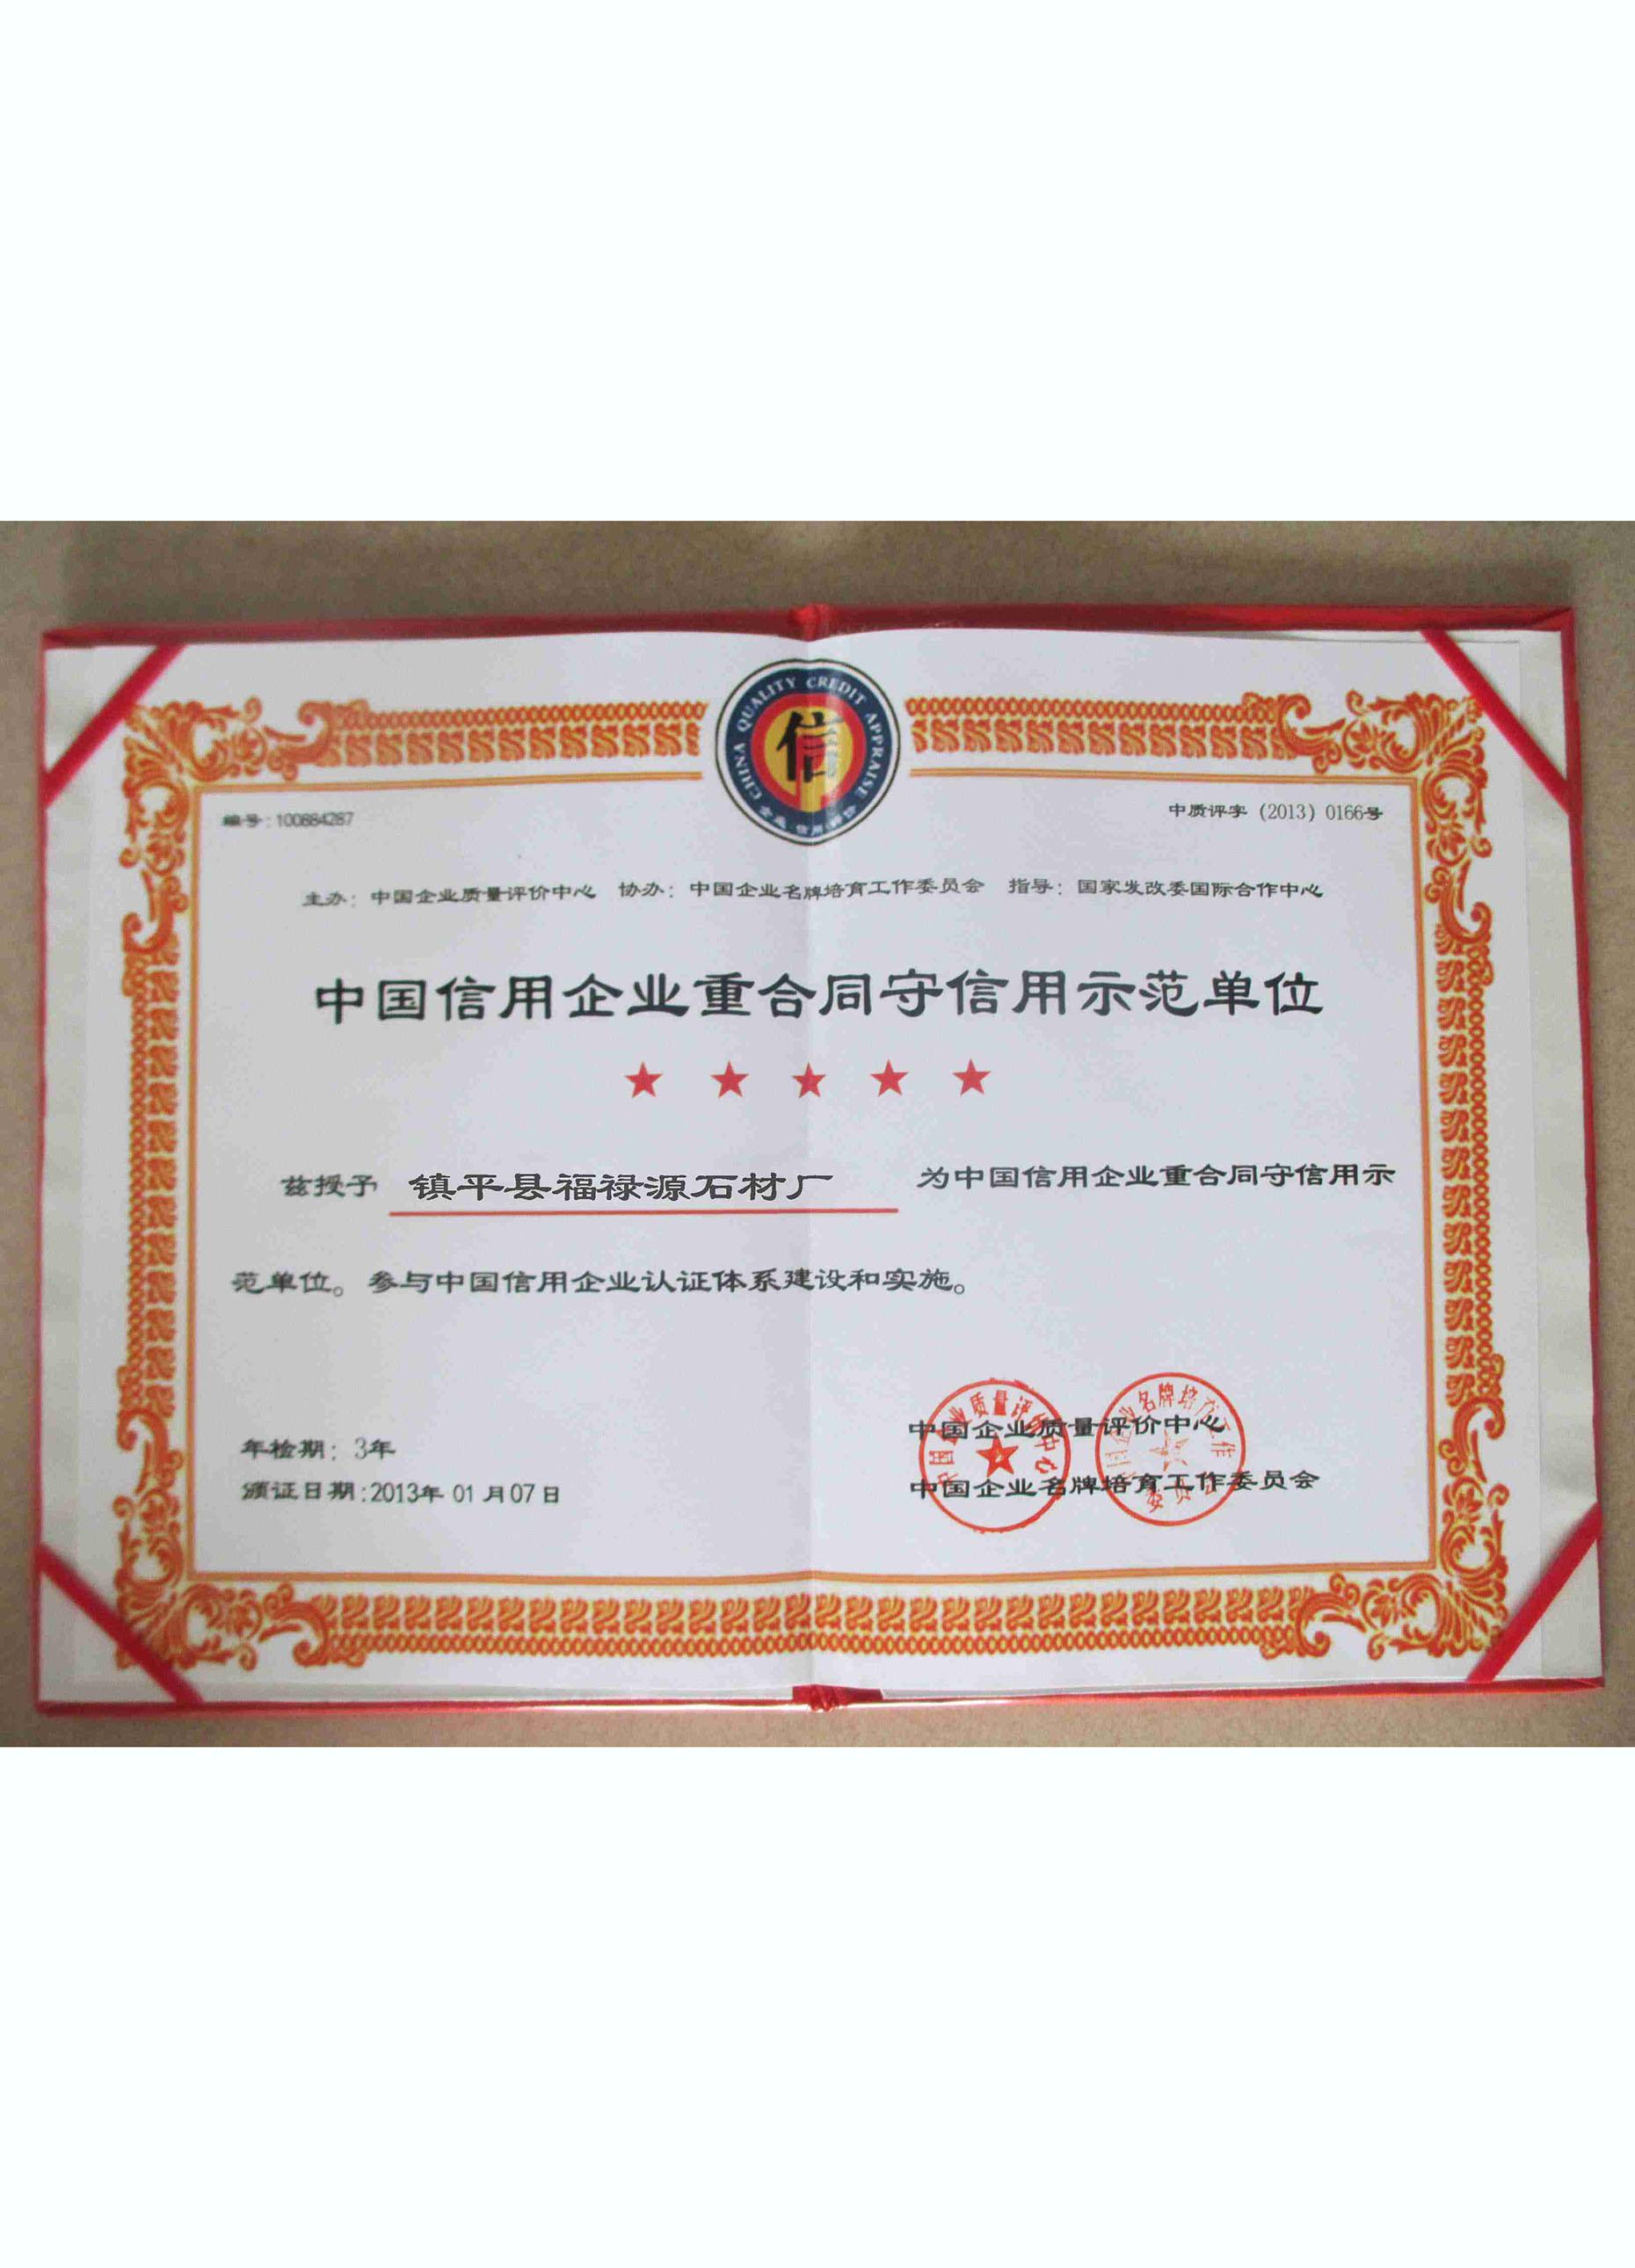 福禄源石材厂荣誉证书